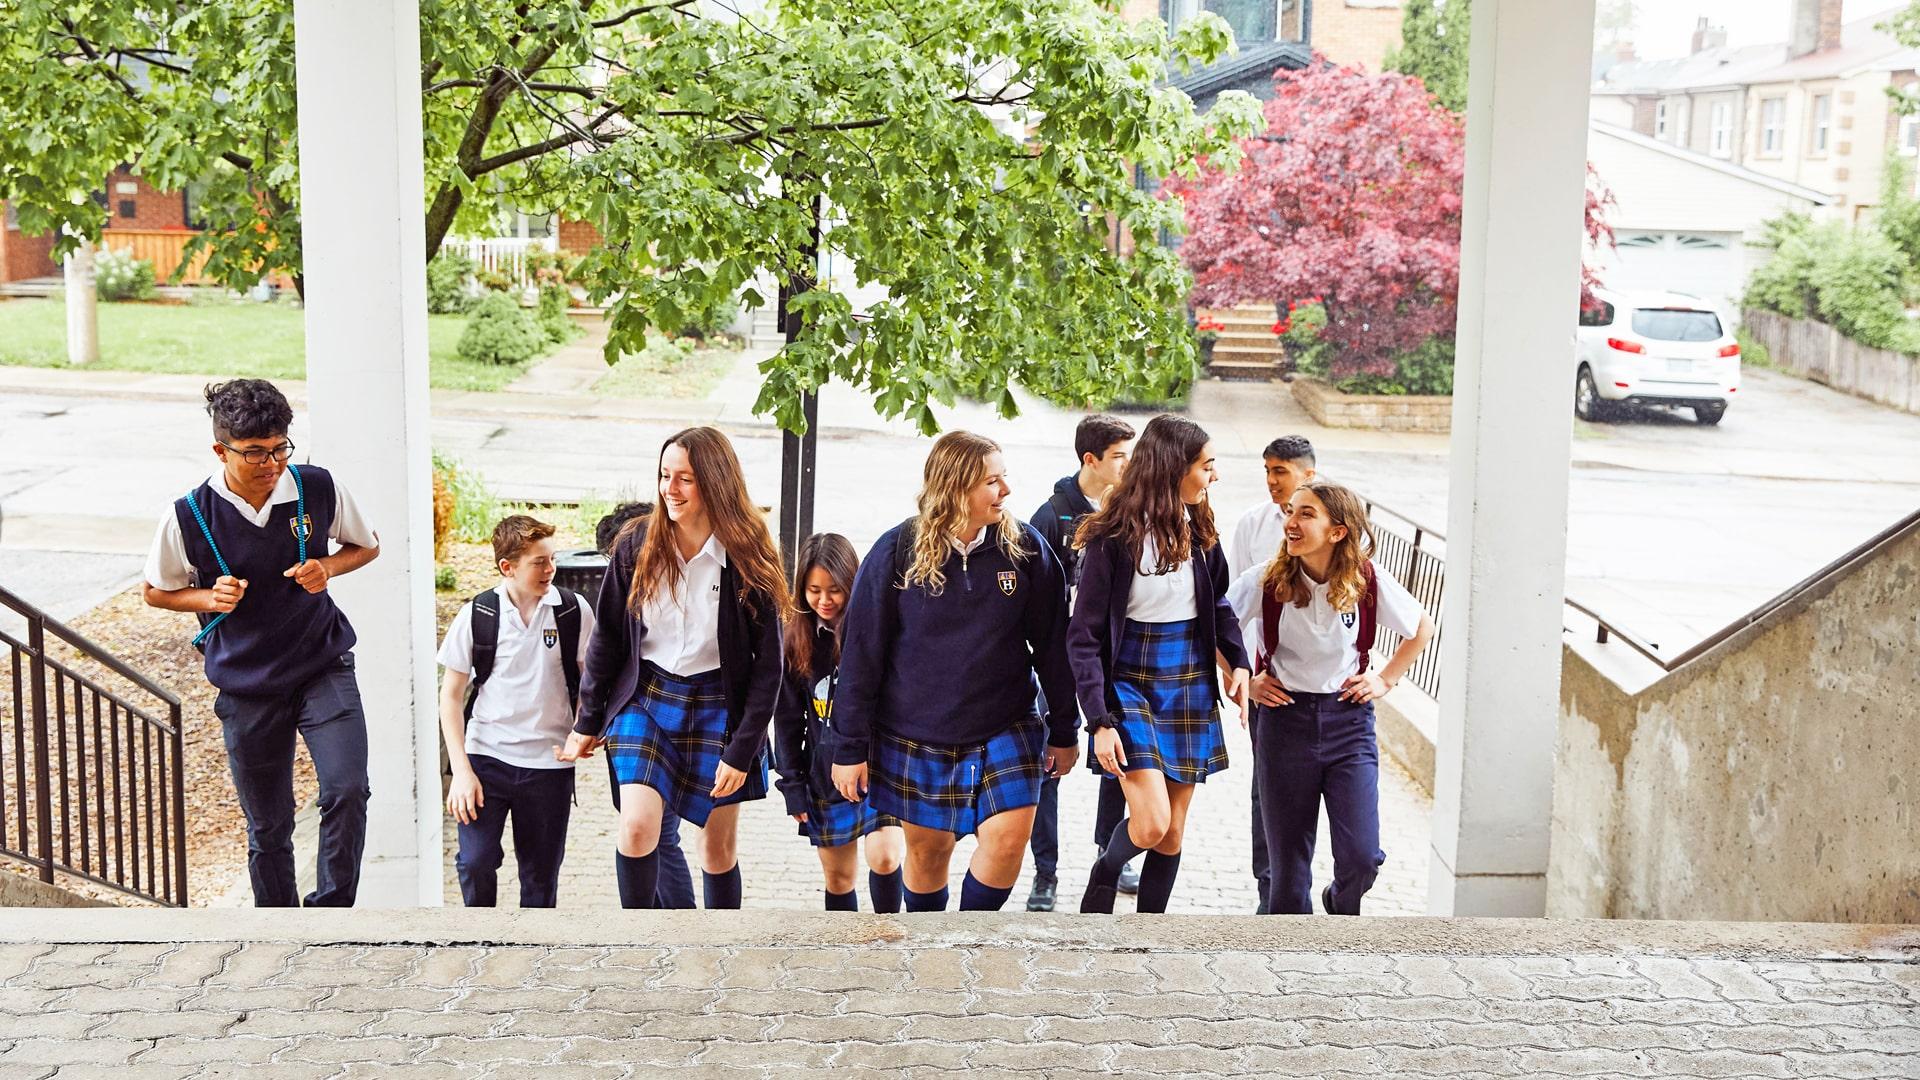 Estudiar un año escolar en el colegio privado Hudson College Toronto en Canadá